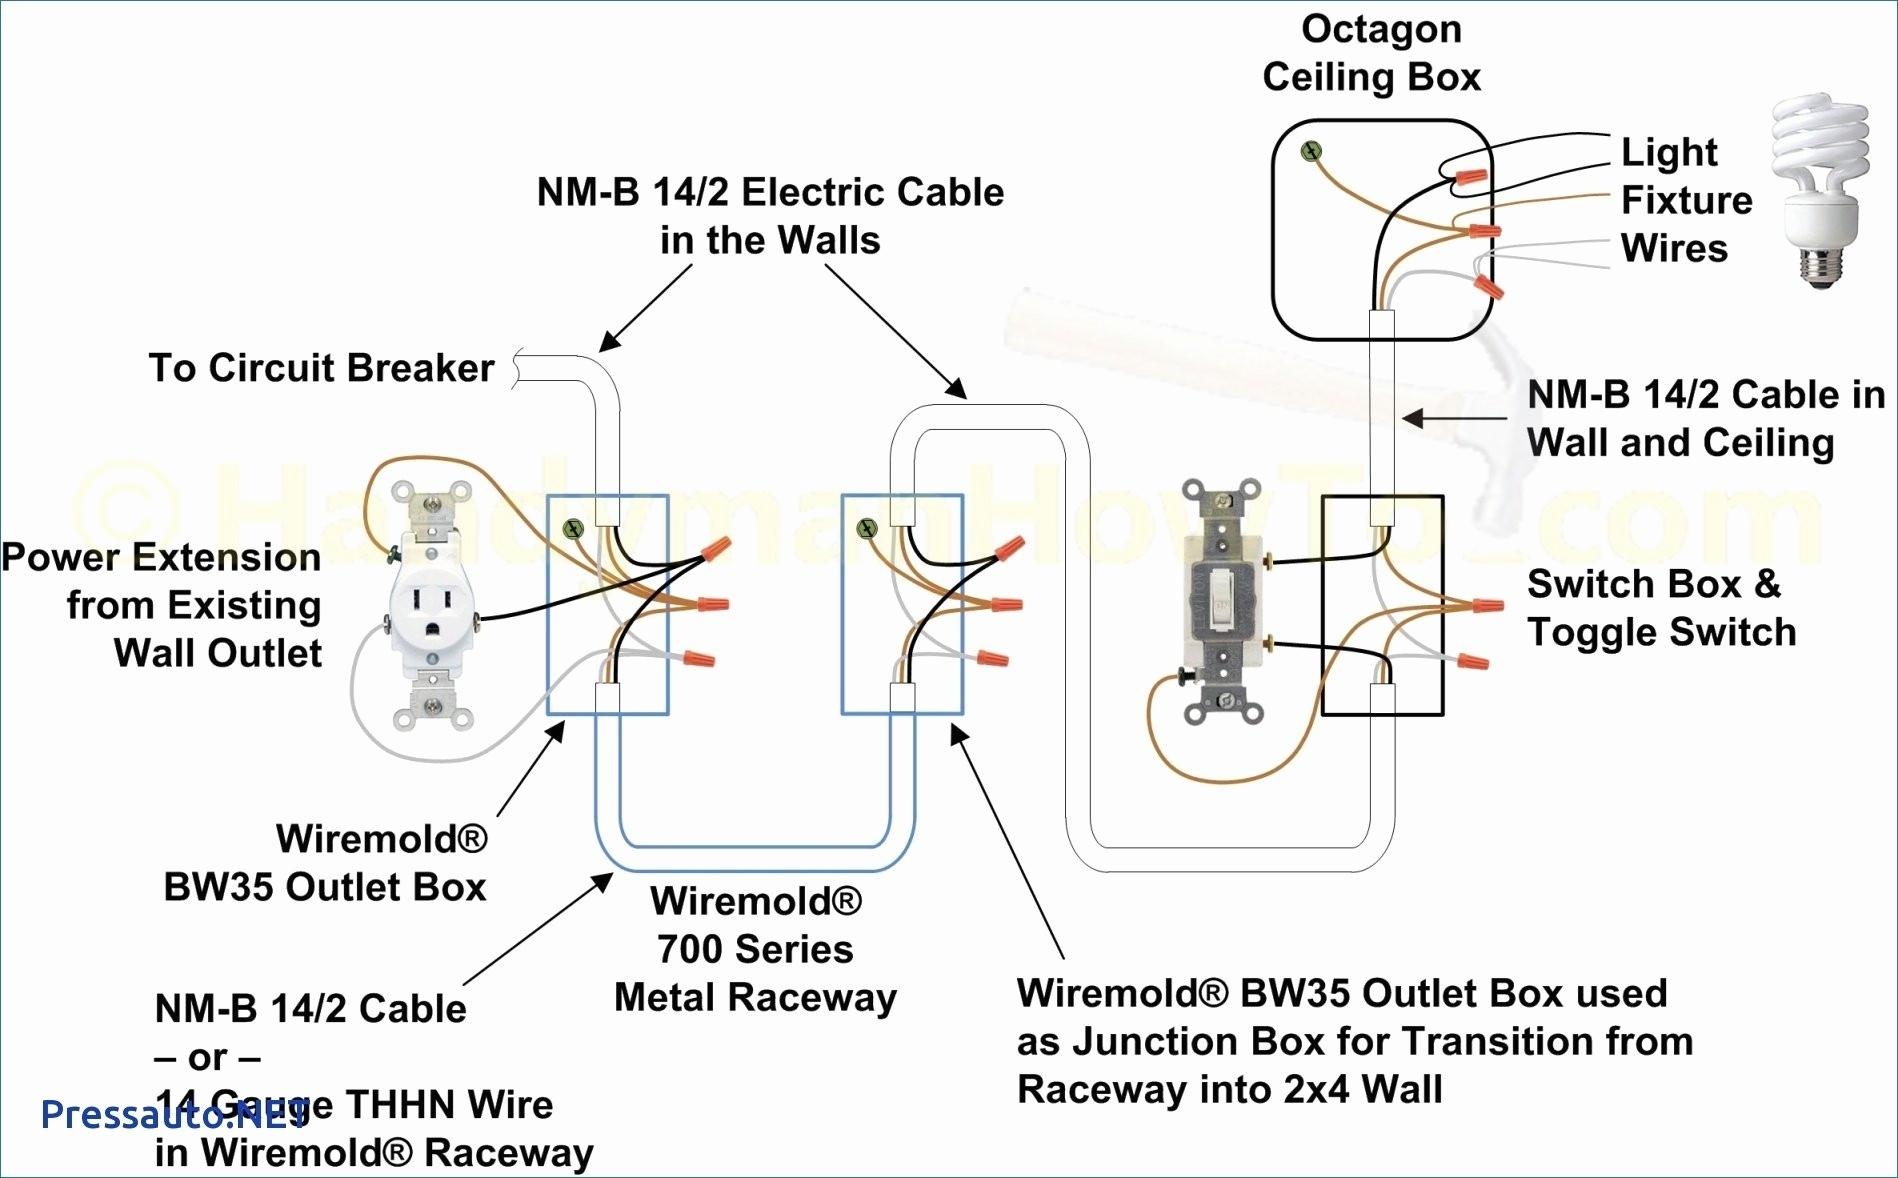 Leviton 5641 Double Switch Wiring Diagram Fan Light | Wiring Diagram - Leviton 3 Way Switch Wiring Diagram